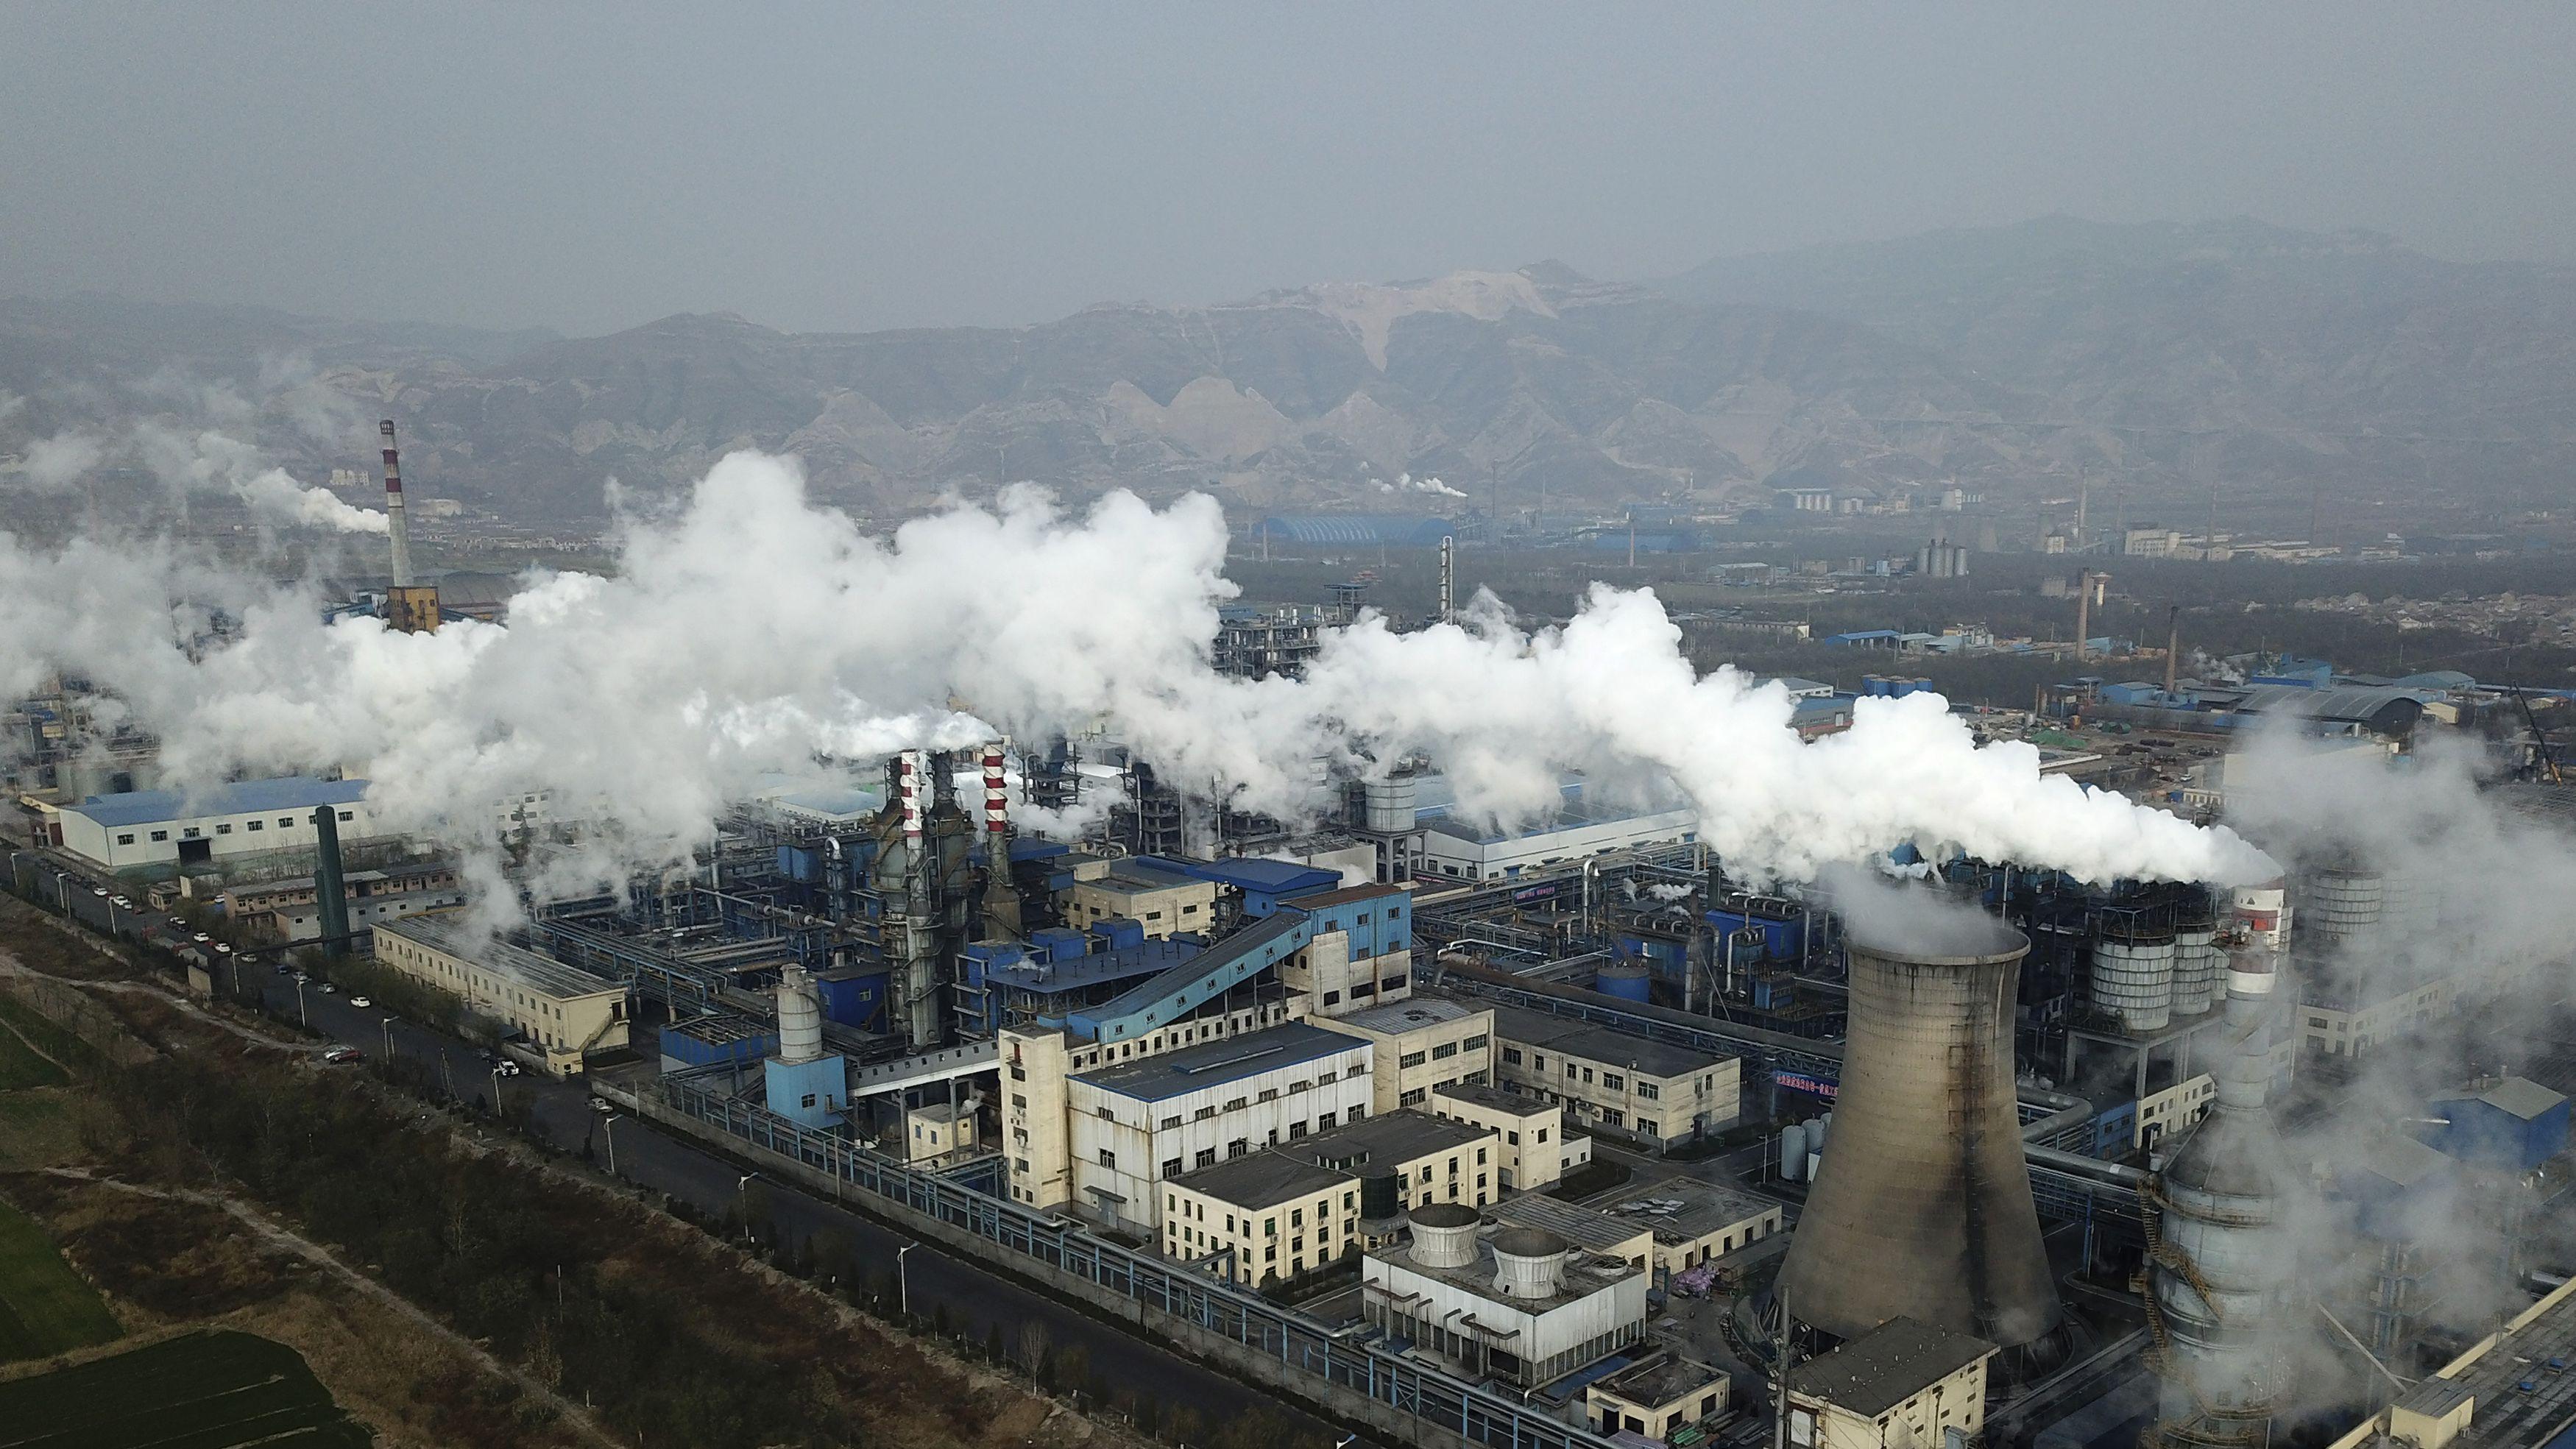 進まぬCO2排出量削減、今世紀中に平均気温「4度上昇」の恐れ